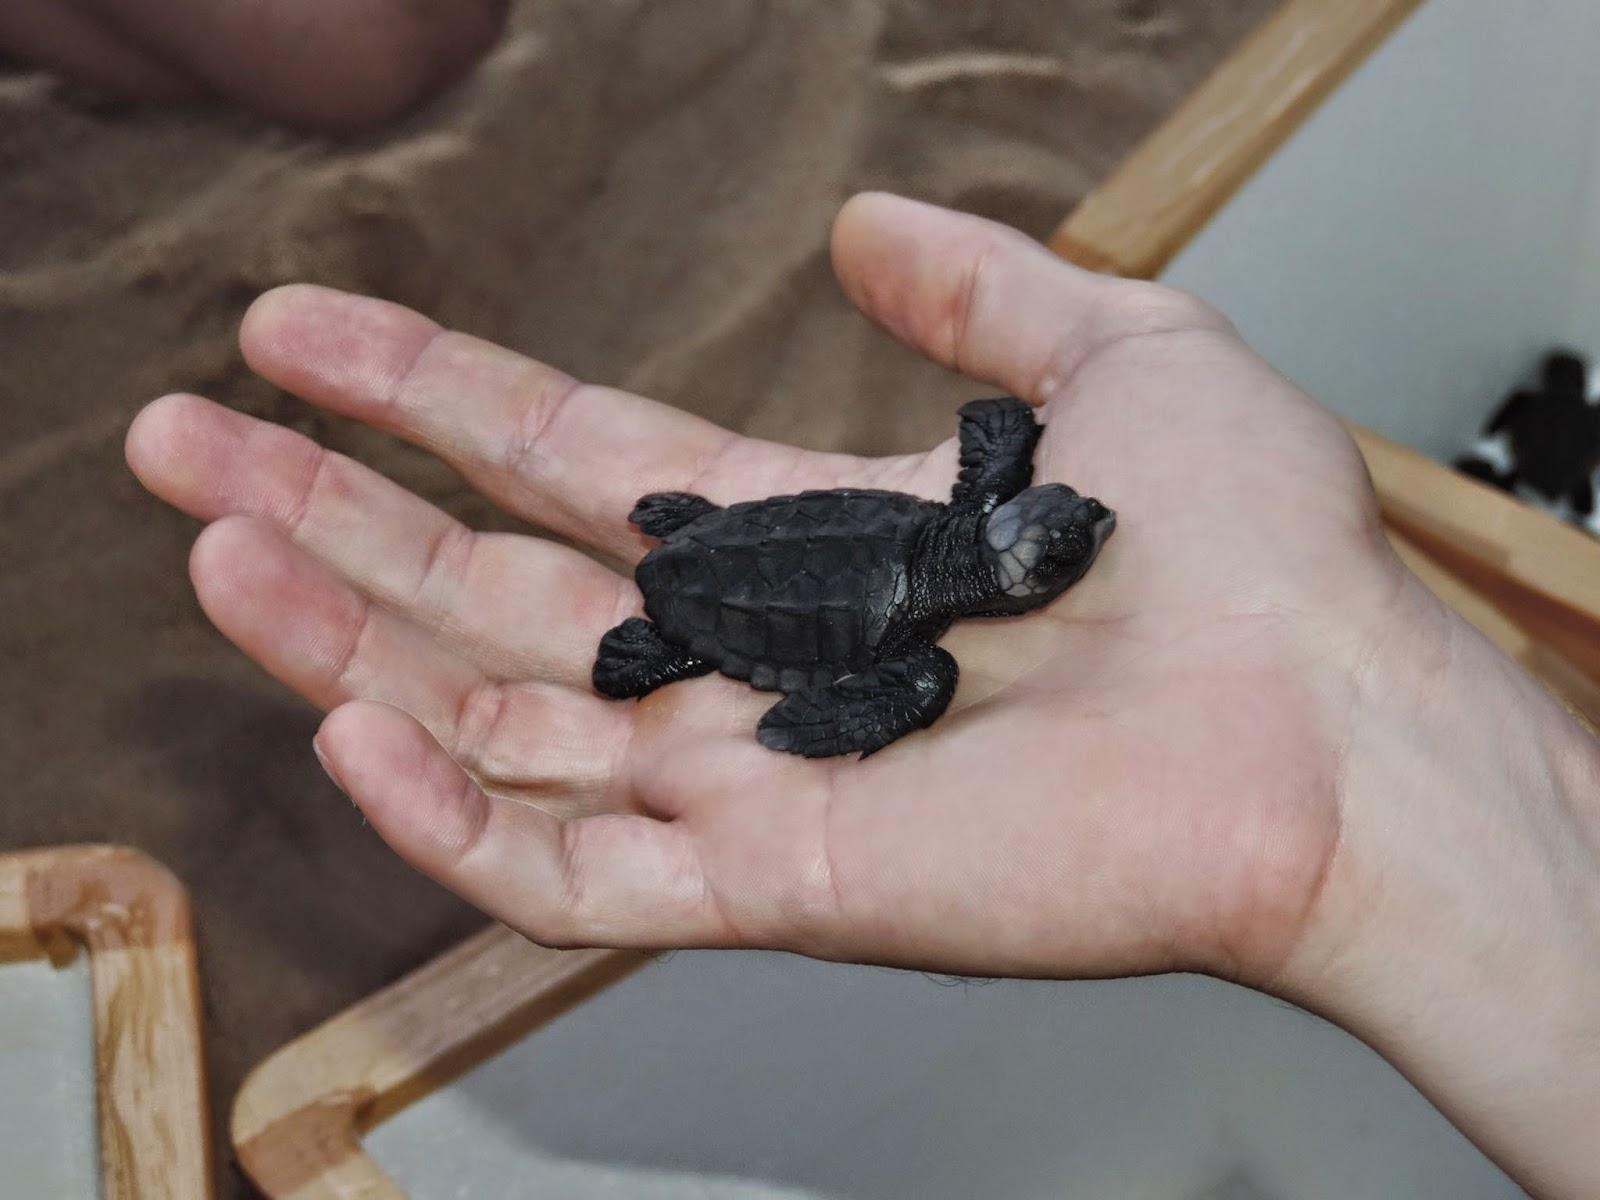 NATUREZA – Nessa tarde de sábado projeto Tamar realiza mais uma soltura de tartarugas